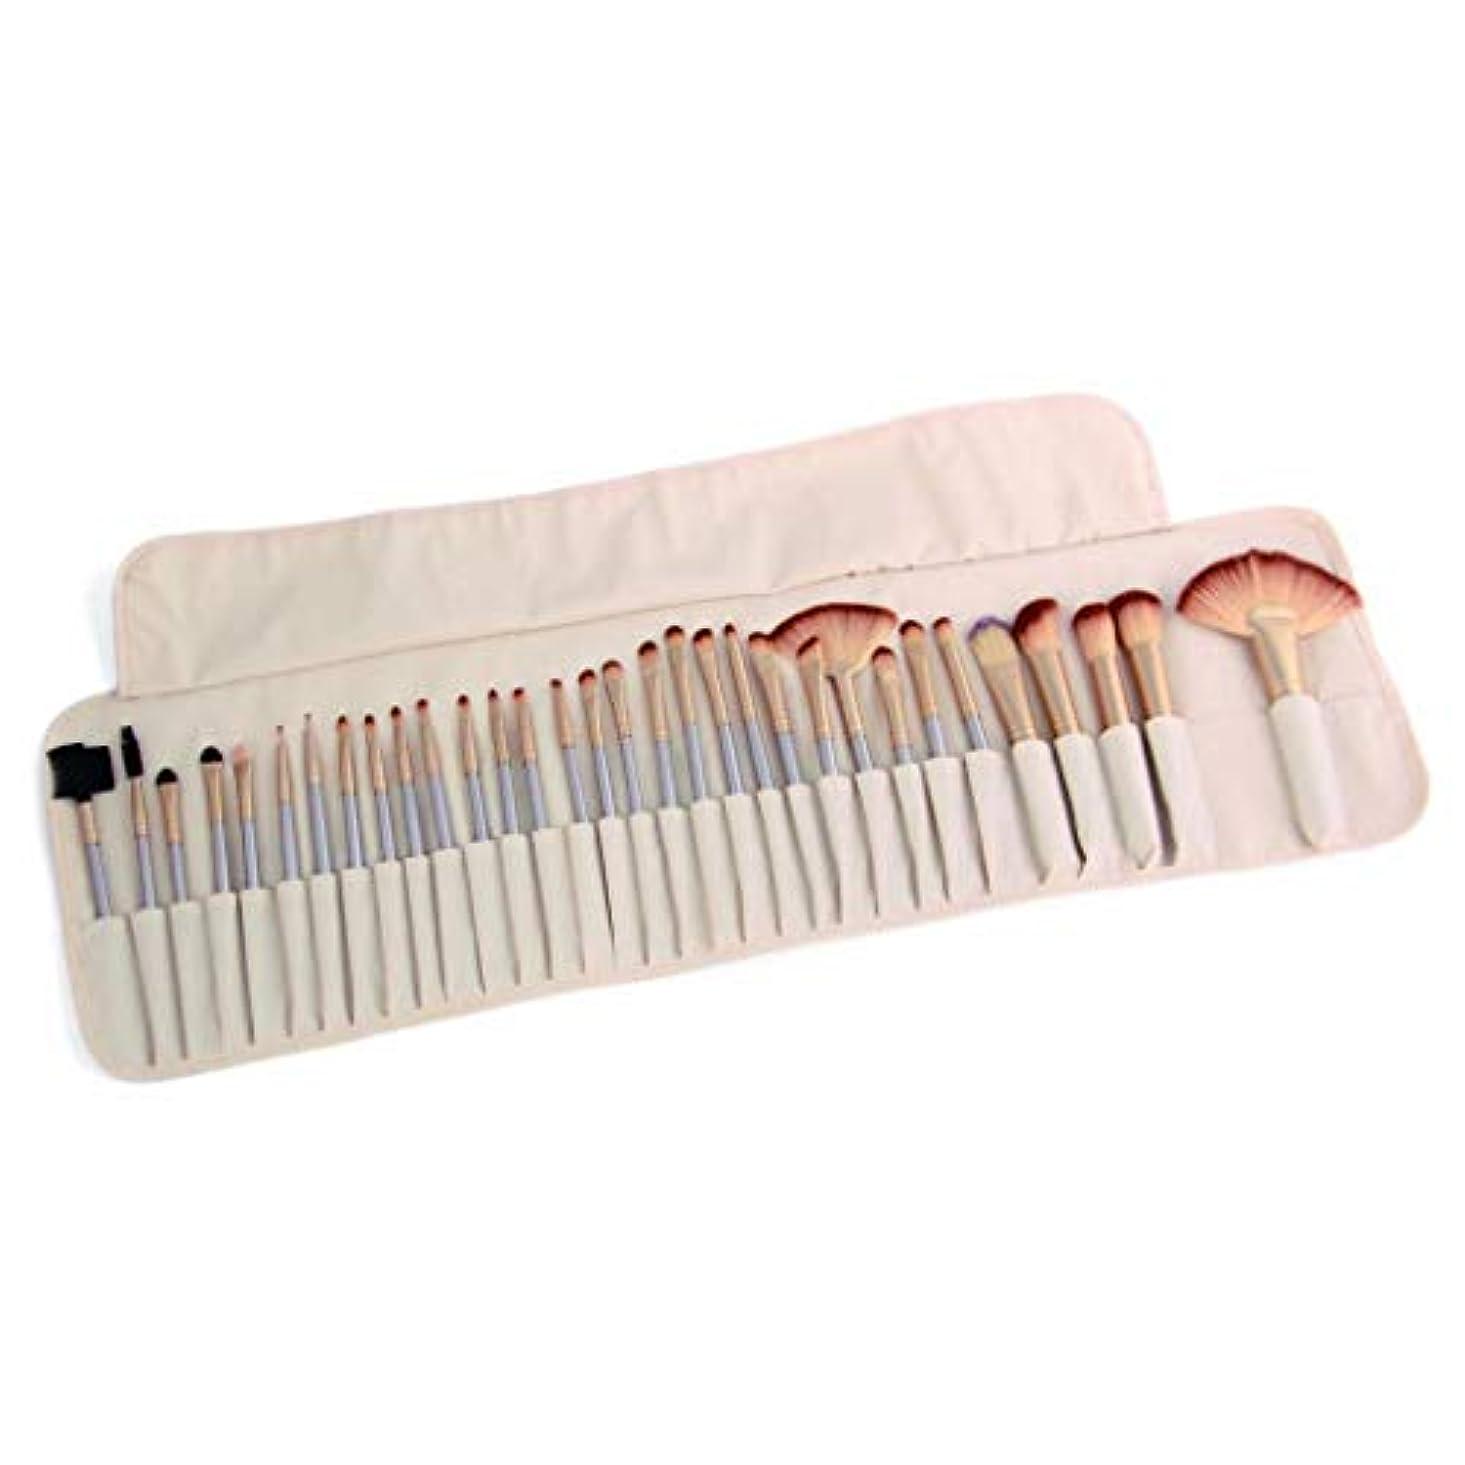 状シルク生産的32化粧ブラシセットユニバーサル化粧道具アイシャドウブラシファンデーションブラシ,White